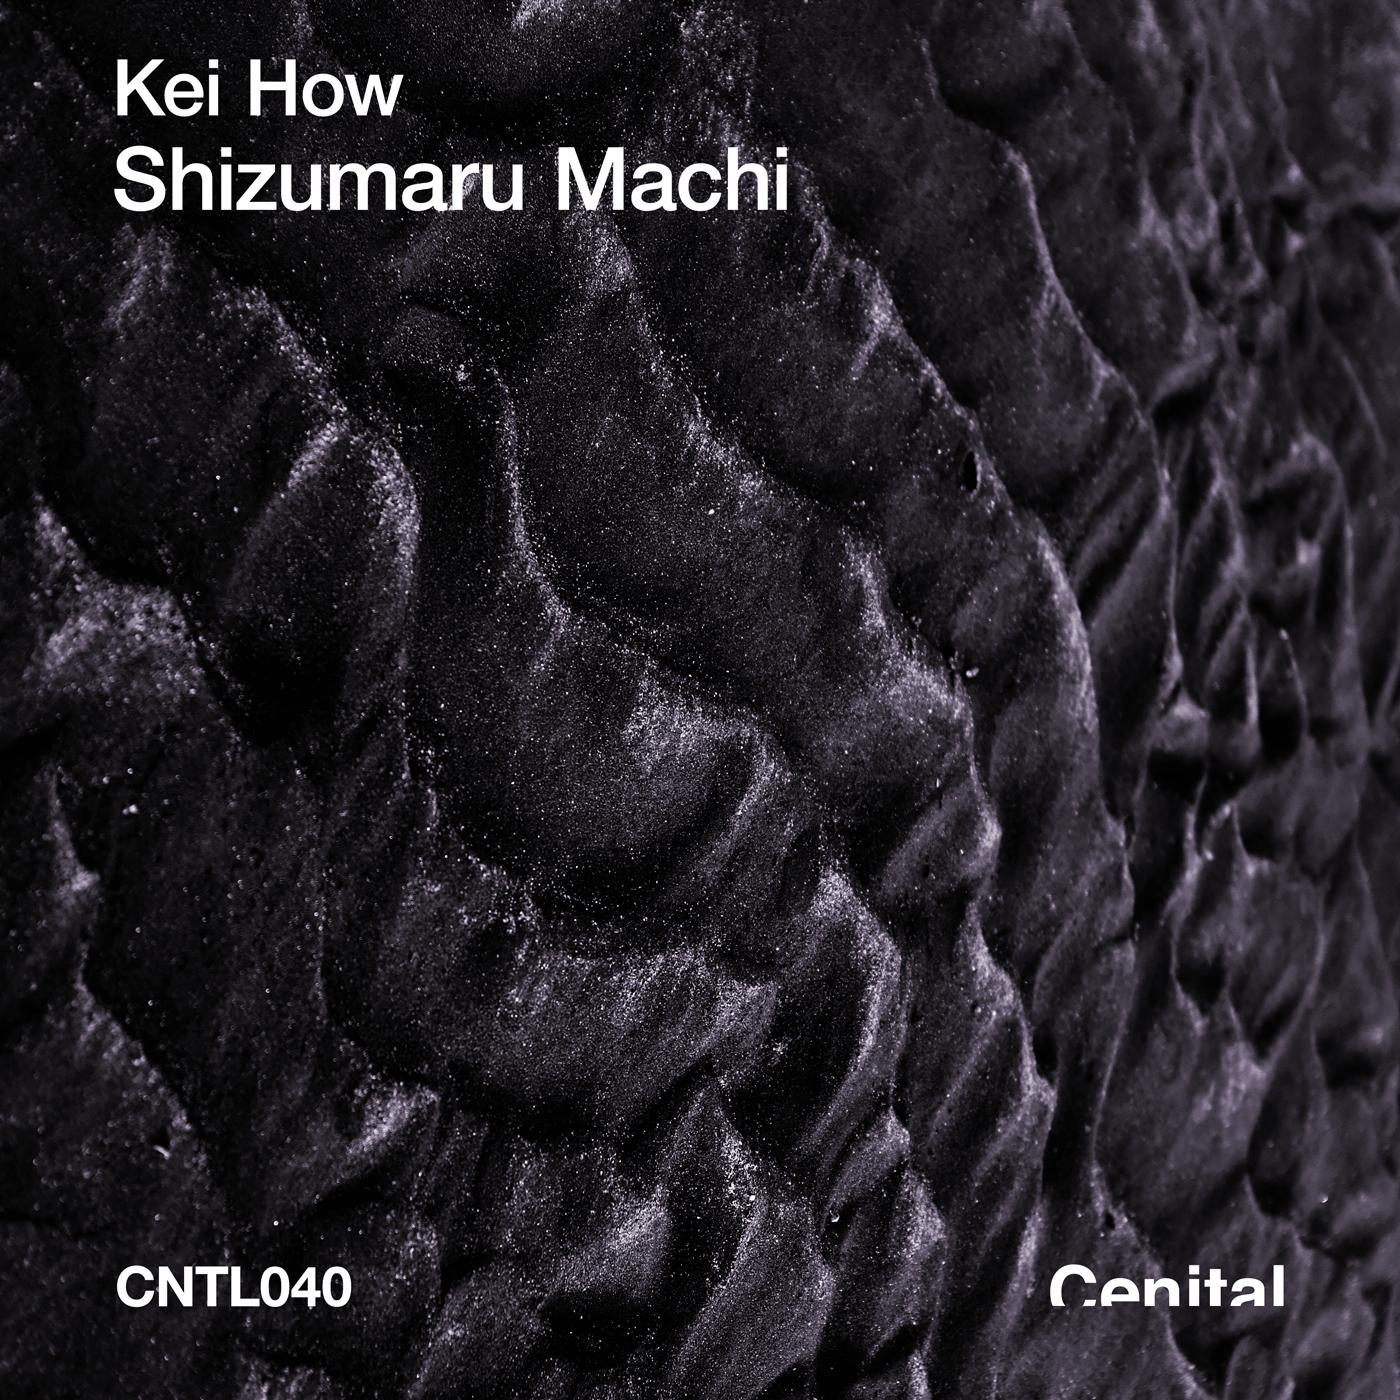 Kei How - Shizumaru Machi [CNTL040]